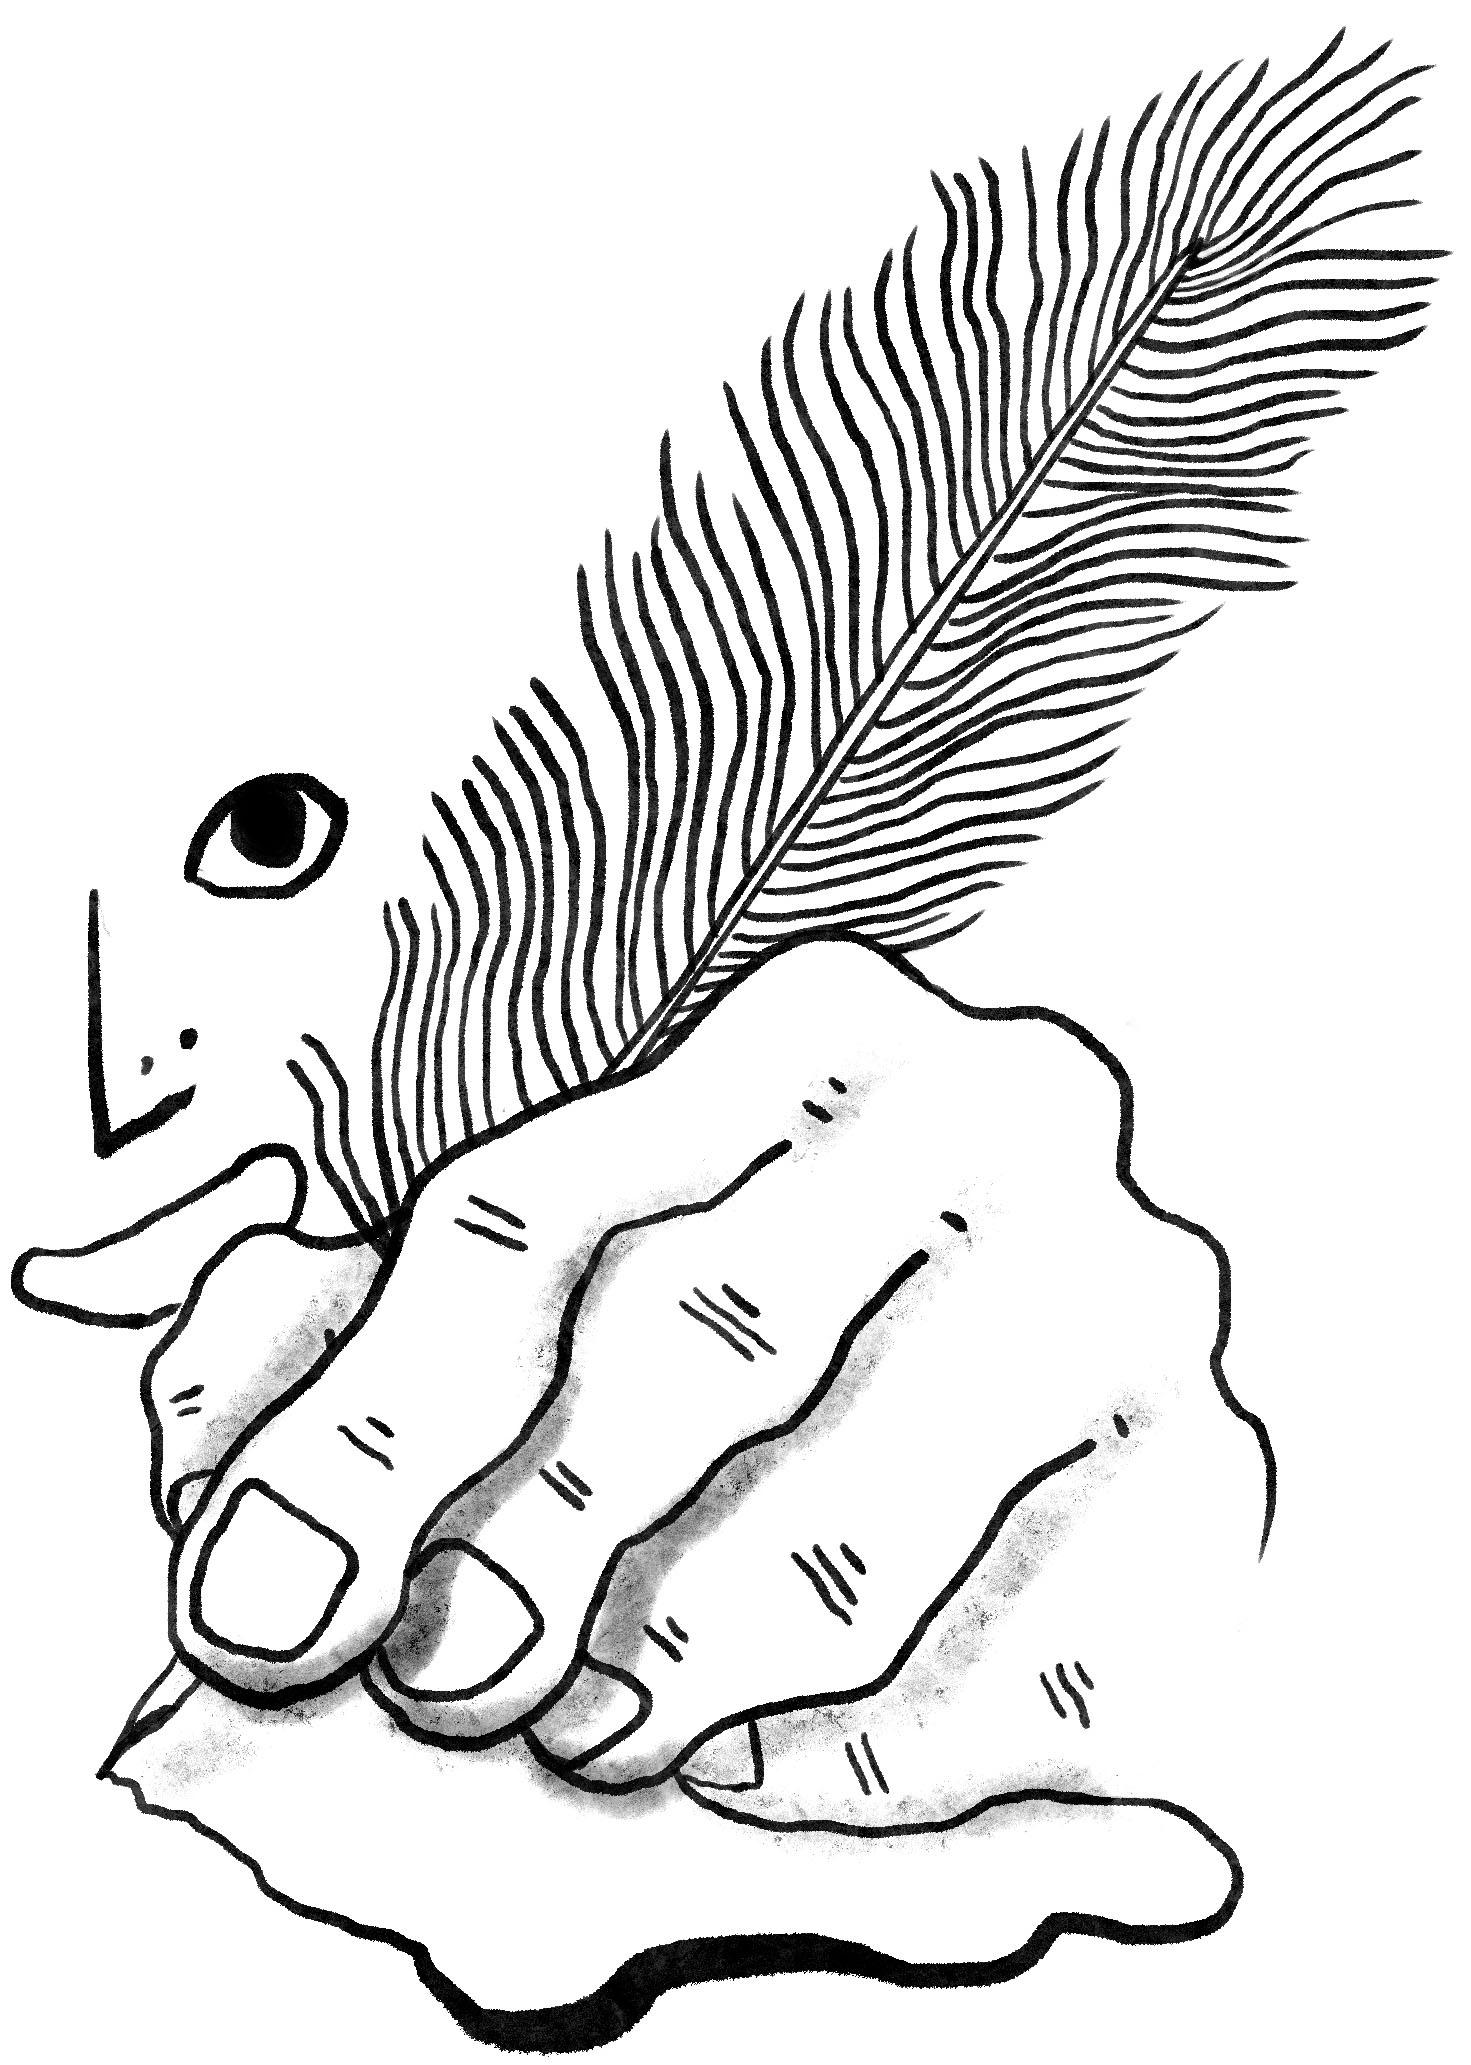 pluma, redacción y guión